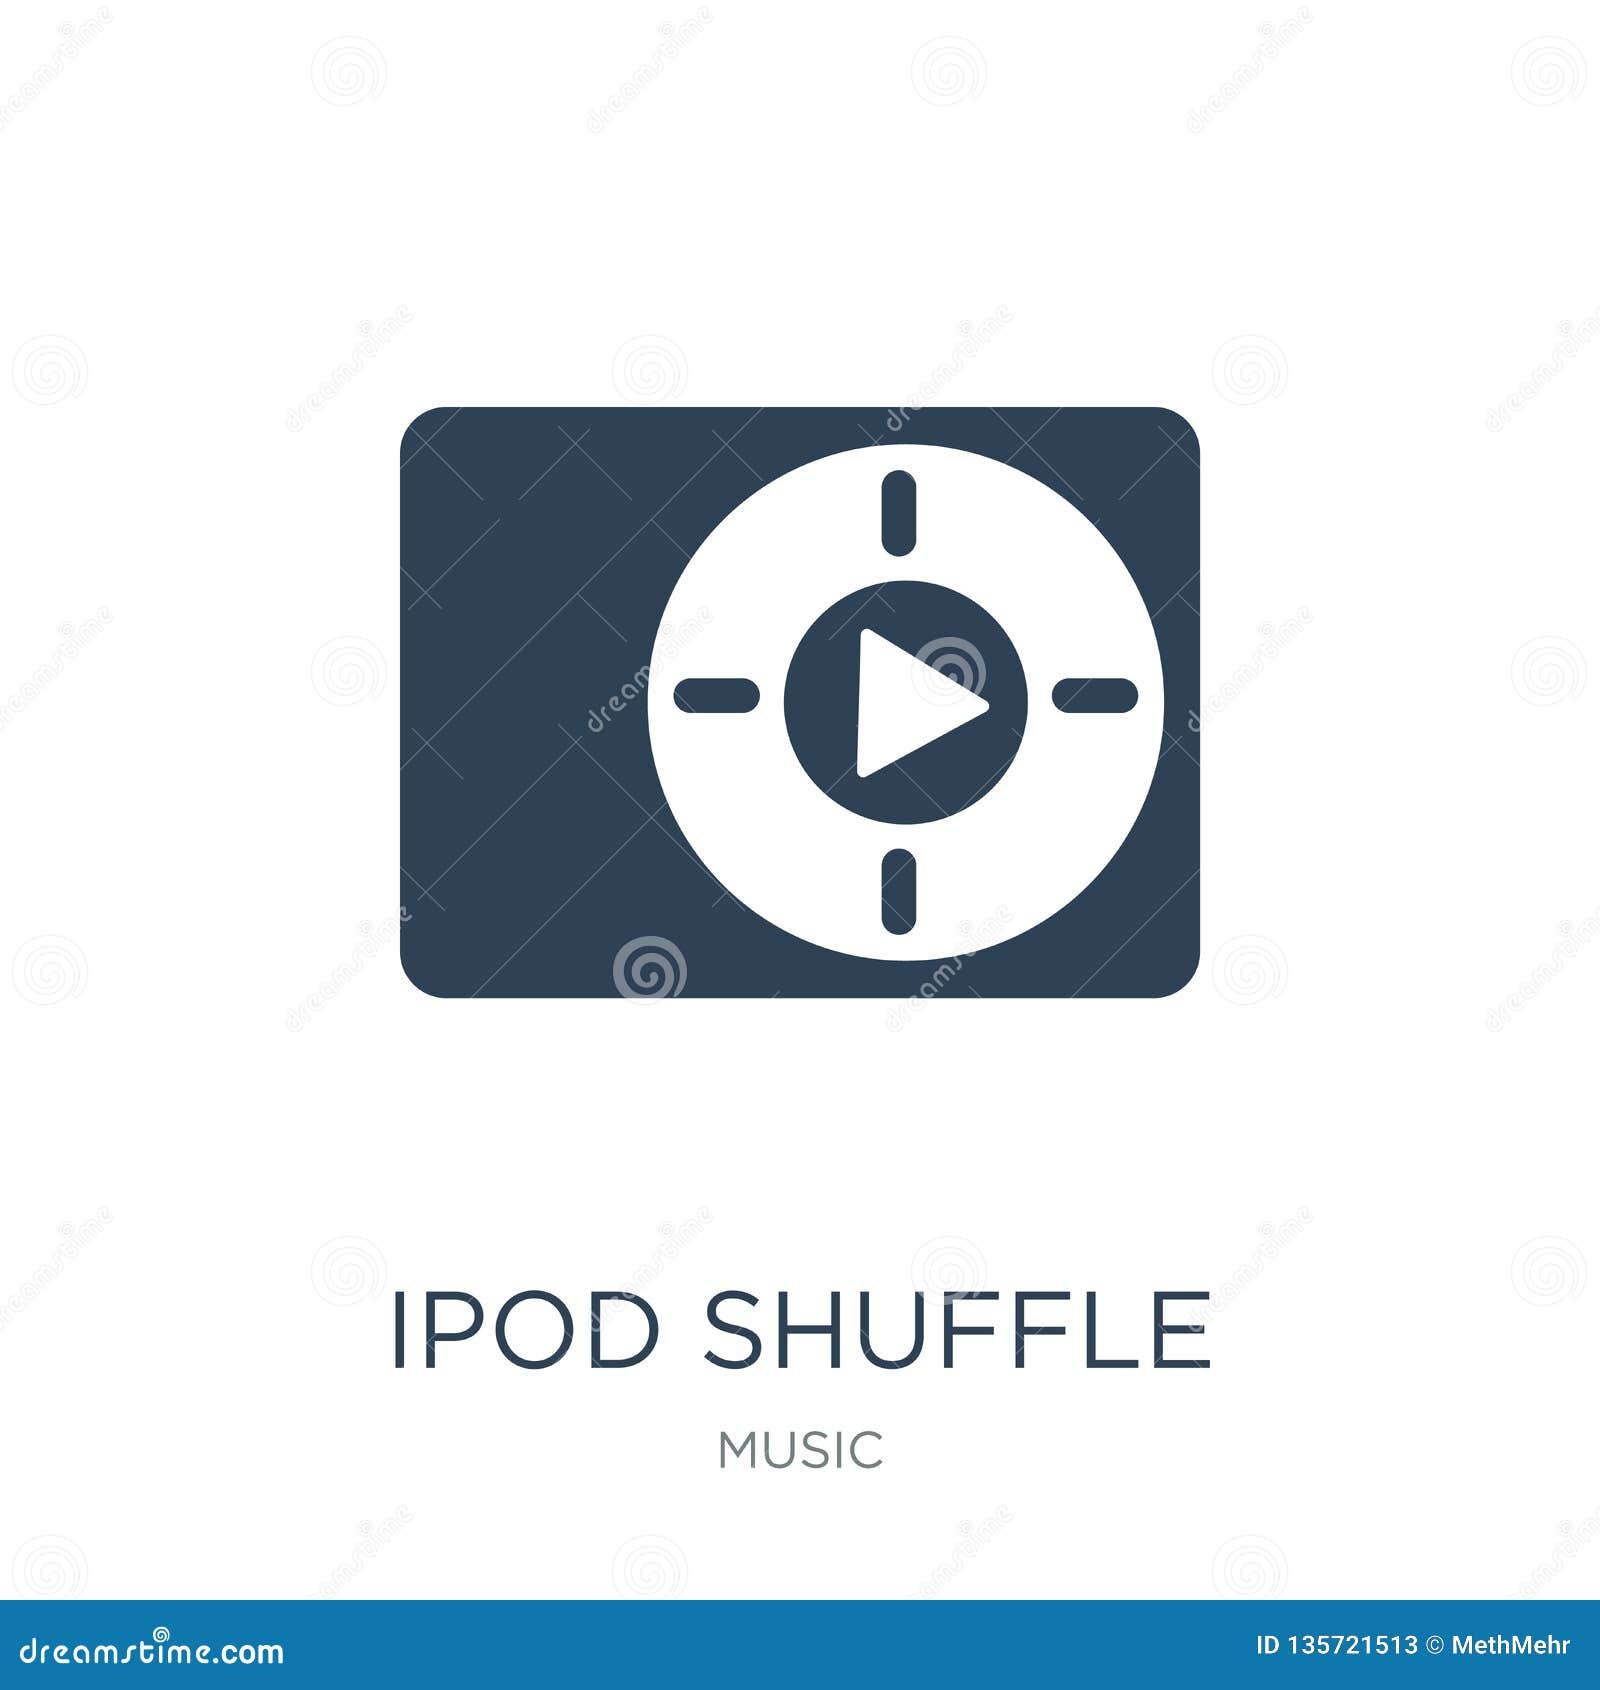 Icona di iPod shuffle nello stile d avanguardia di progettazione icona di iPod shuffle isolata su fondo bianco icona di vettore d